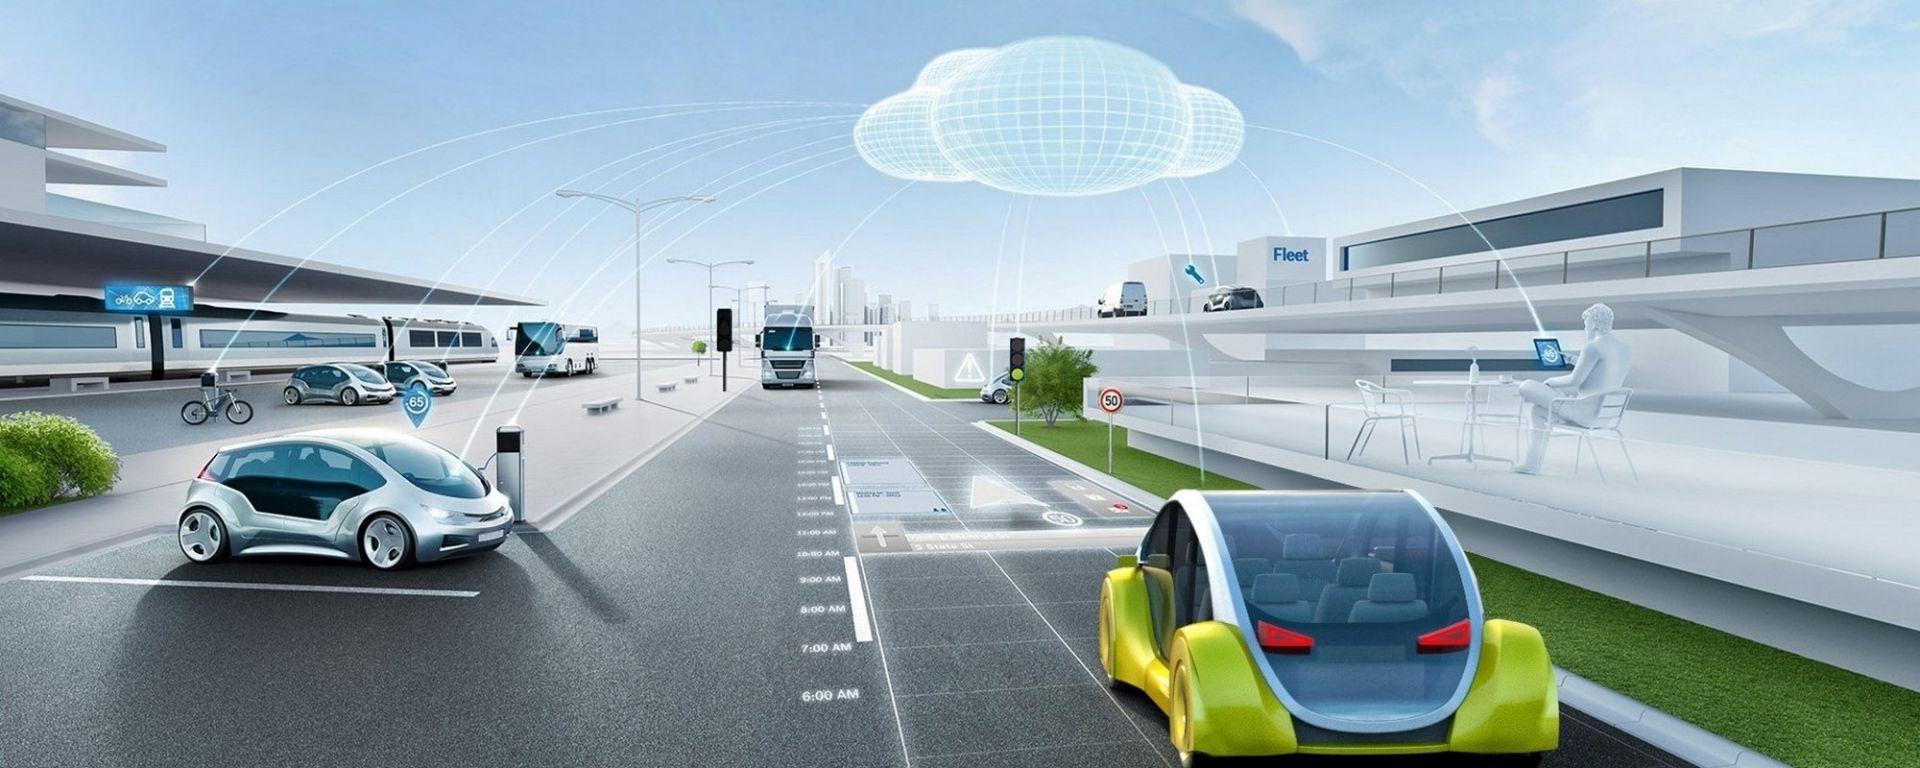 Bosch, come sarà la mobilità del futuro